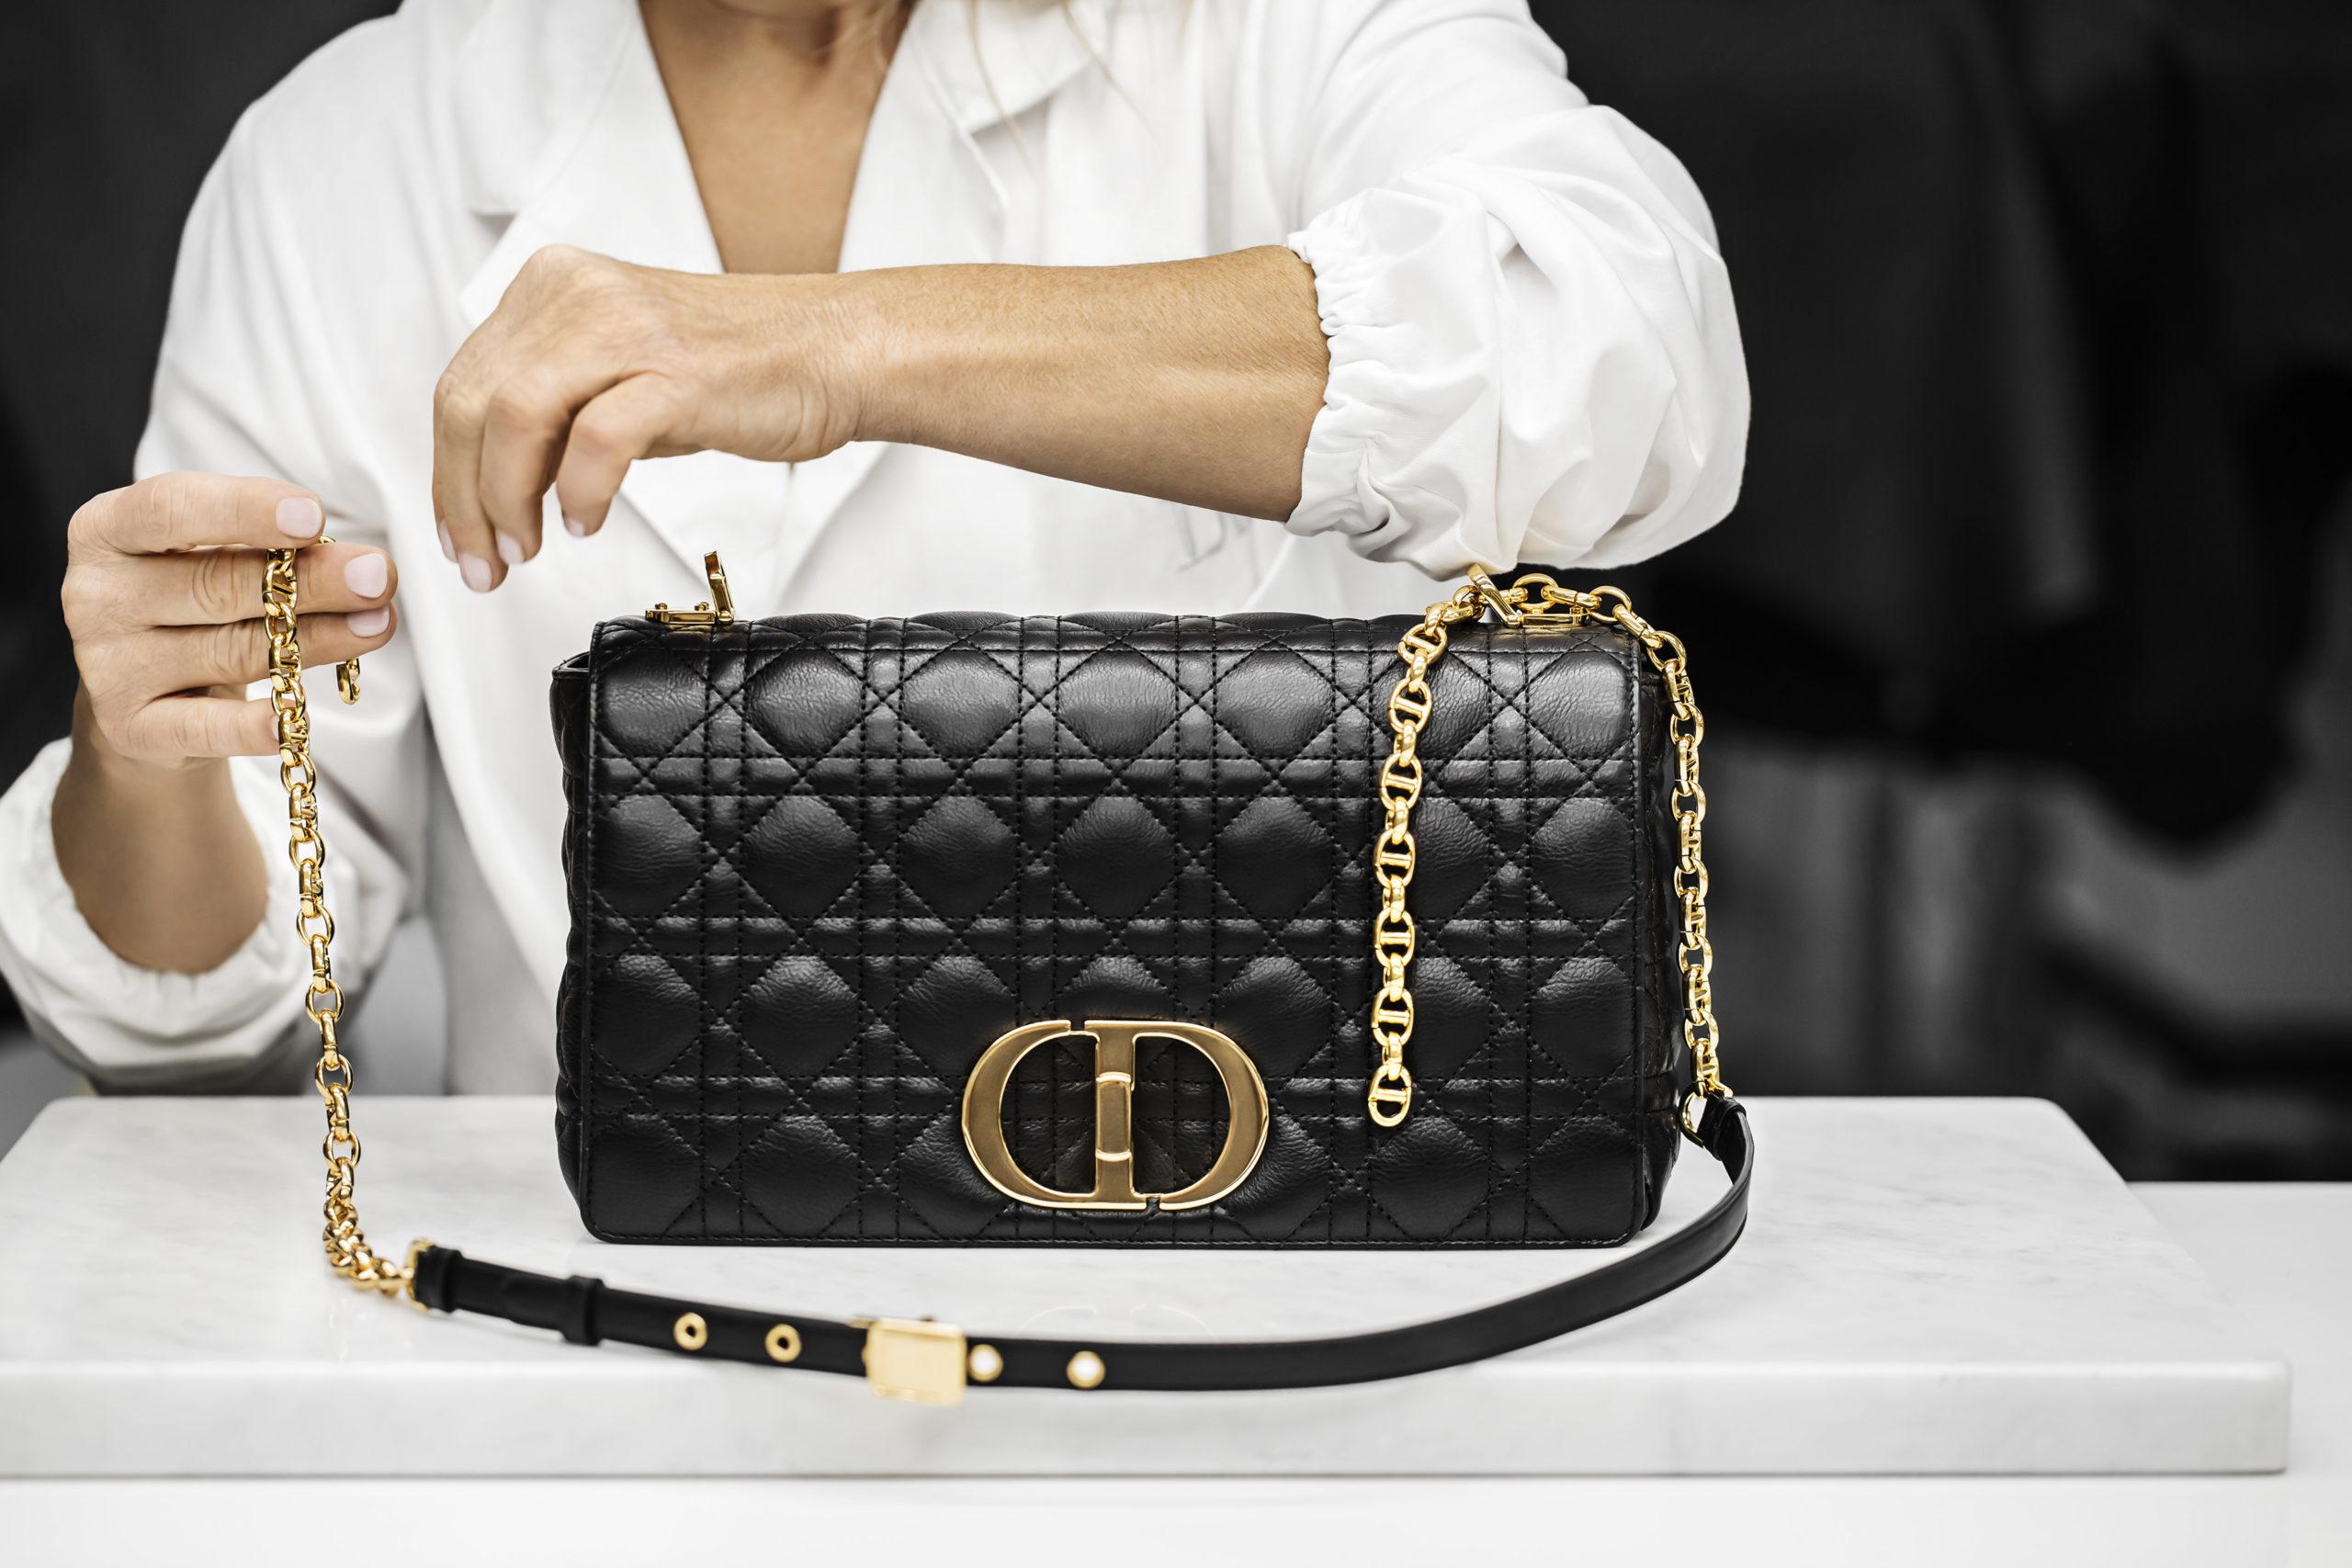 dior caro bag in black